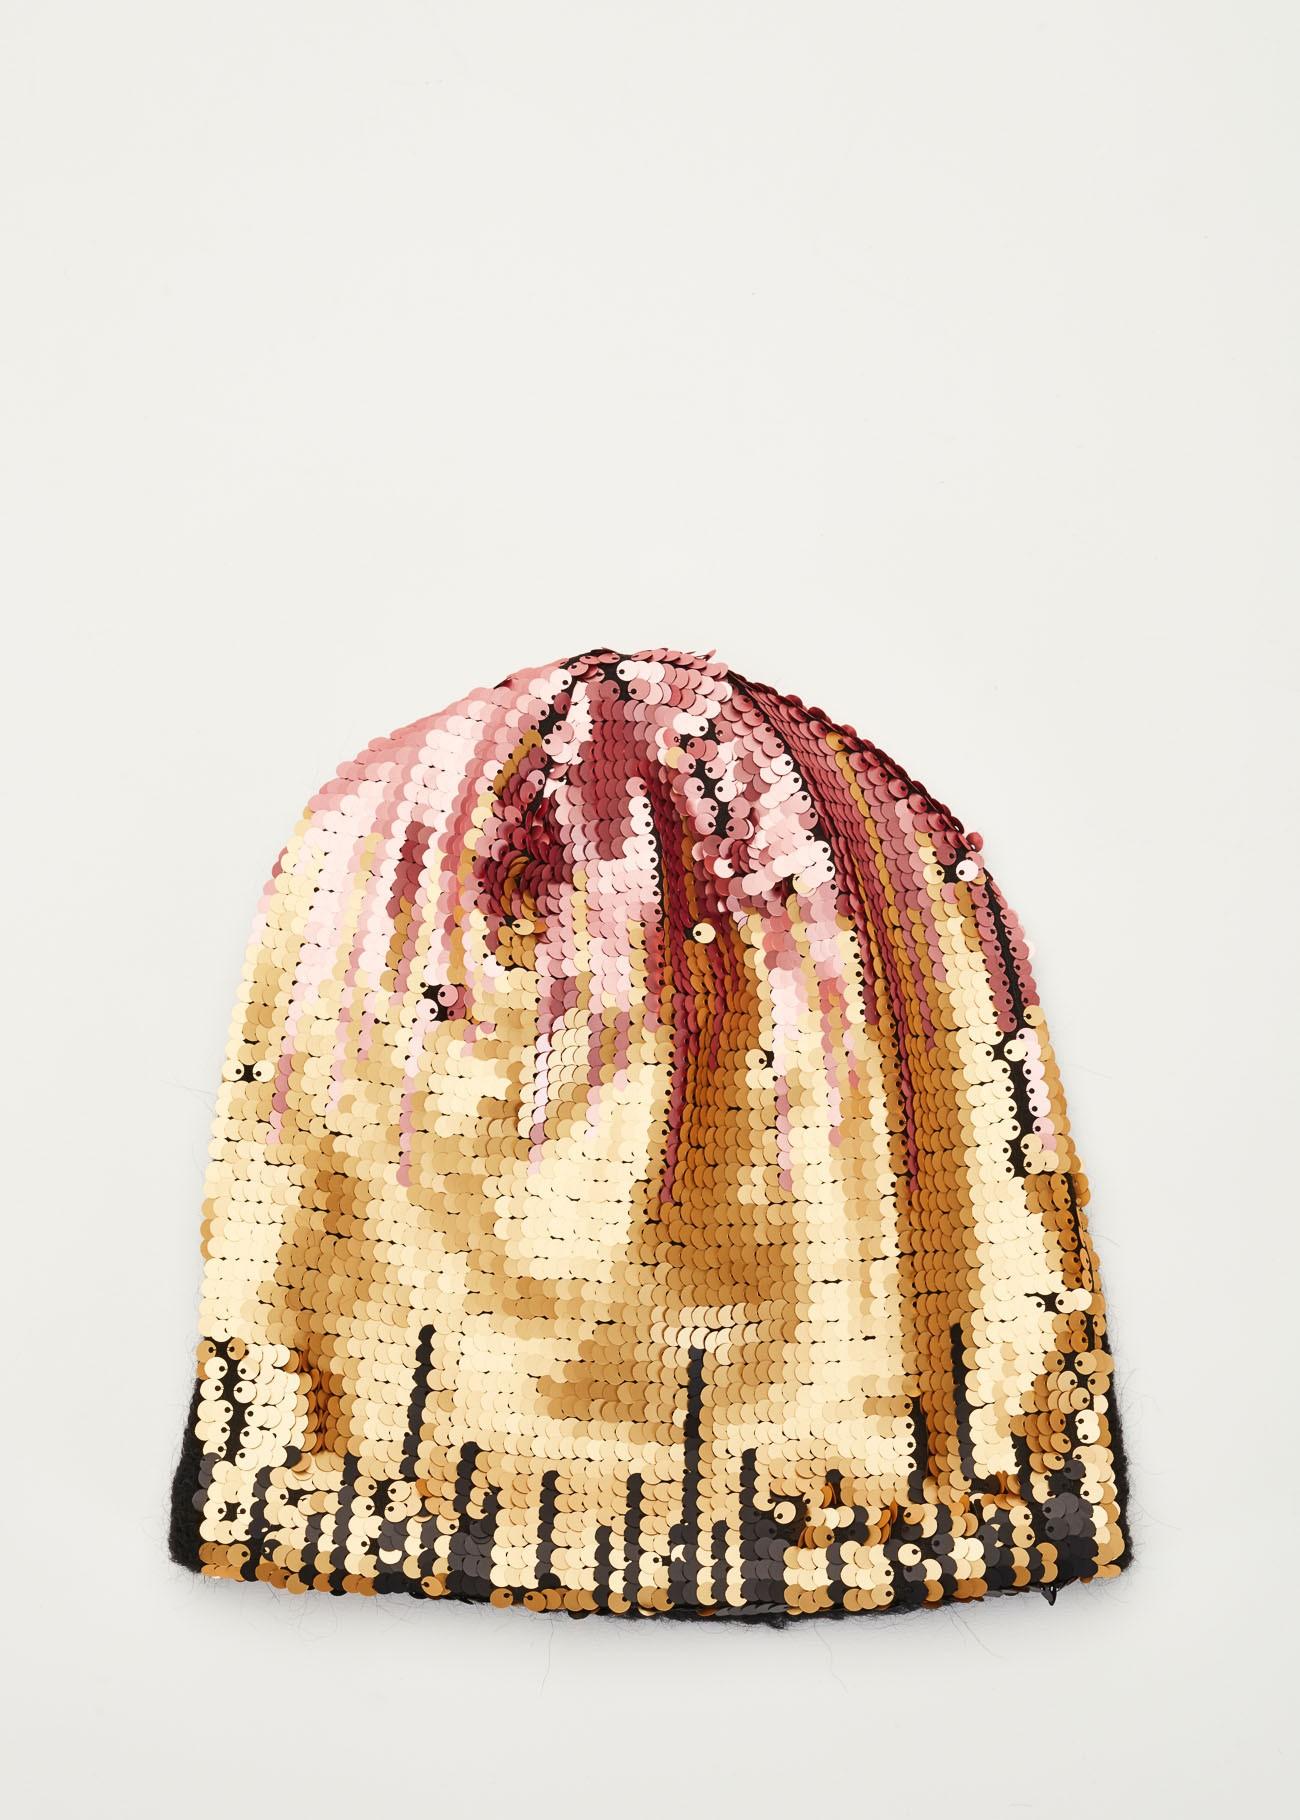 ZLYSJ Europea Bagno della Stanza da Bagno Specchio Spogliatoio Wall Hanging Impermeabile Wash Trucco dello Specchio Specchio del Bagno Bagno con Specchio Cornice Size : 50X70CM